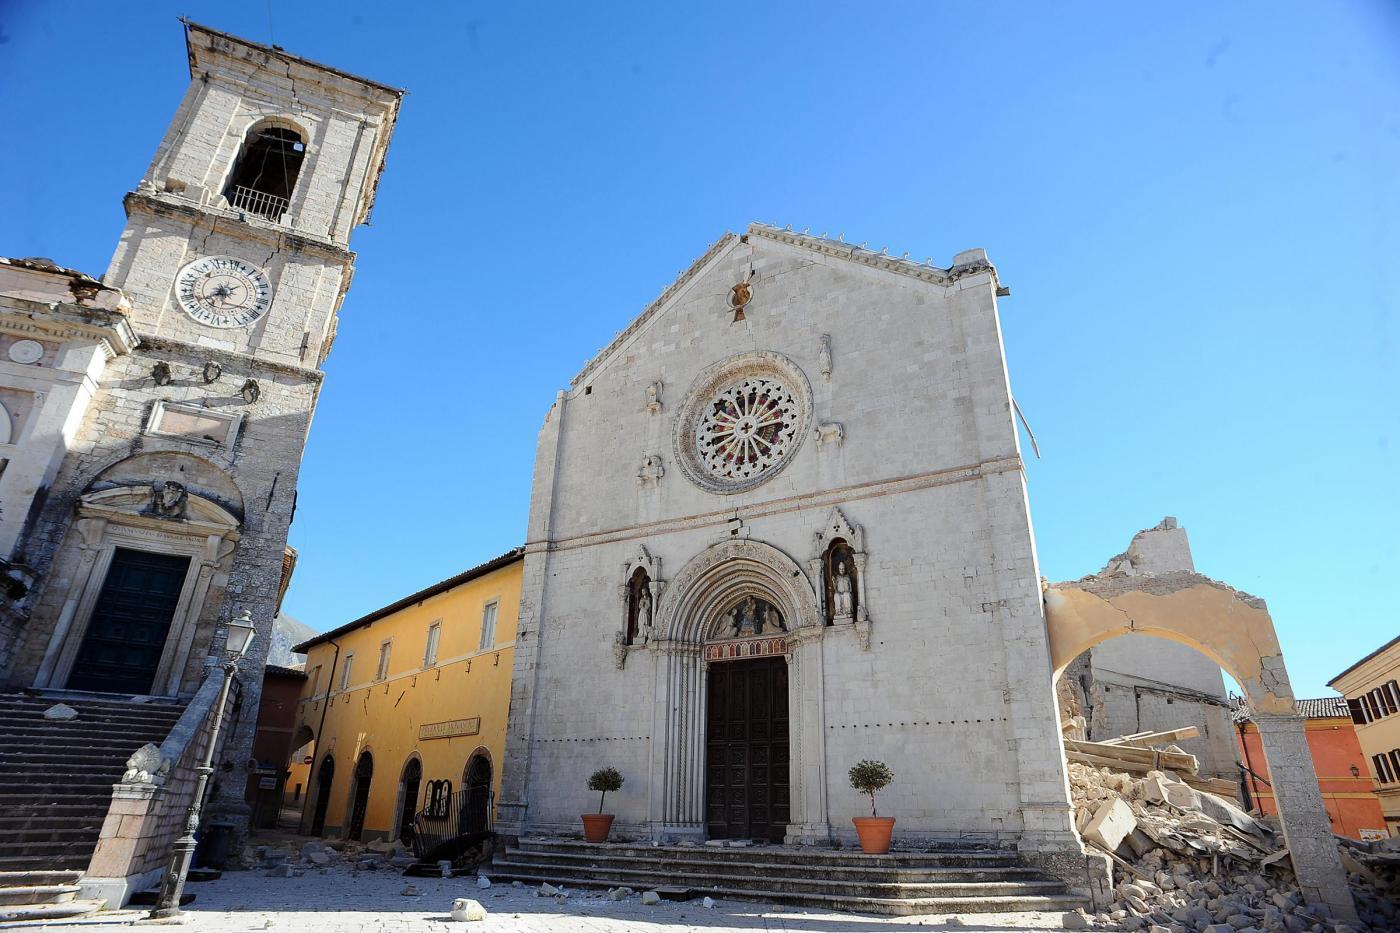 Nuovo sisma in centro Italia: le immagini di Norcia